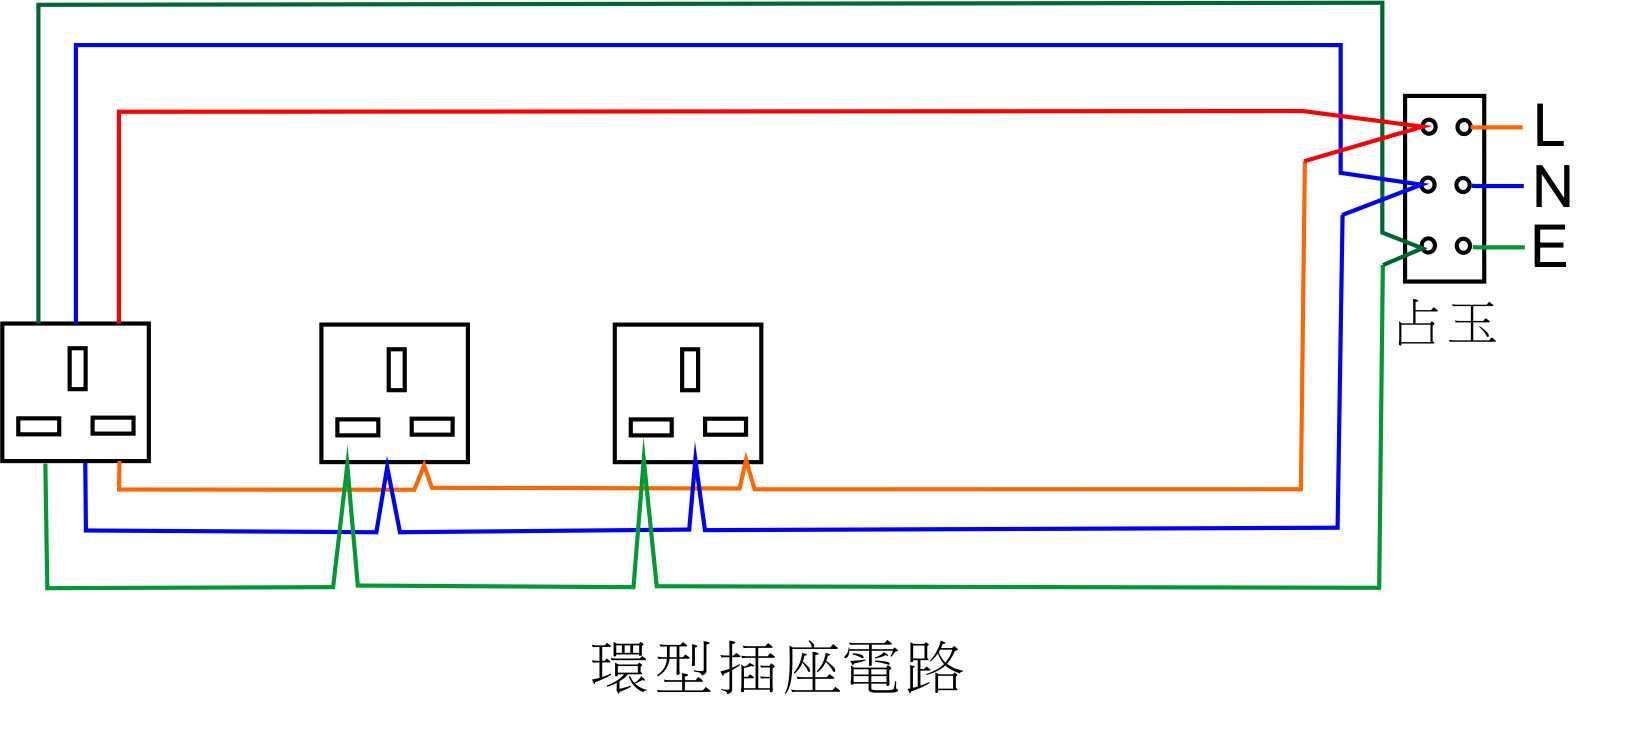 冷氣機、熱水爐等重型電器,因用電量大,不能使用插頭插入插座取電,因為恐怕插蘇腳接觸不良,有電火引致過熱,必須用螺絲上緊接點,開關要有指示燈,所以要用曲架掣(有指示燈的開關)及接線蘇占緊電線。 曲架掣(Cooker switch)本來是一種大功率煮食電器的開關掣,後來人們用來做任何大功率電器的開關掣,包括冷氣, 電熱水器, 射燈, 甚至摩打等。曲架掣的負載電流較大,15A或以上才會使用,它是雙極開關 (Double Pole),可同時切斷火線及中線電源,一般燈掣是單極開關 (single pole)。  熱